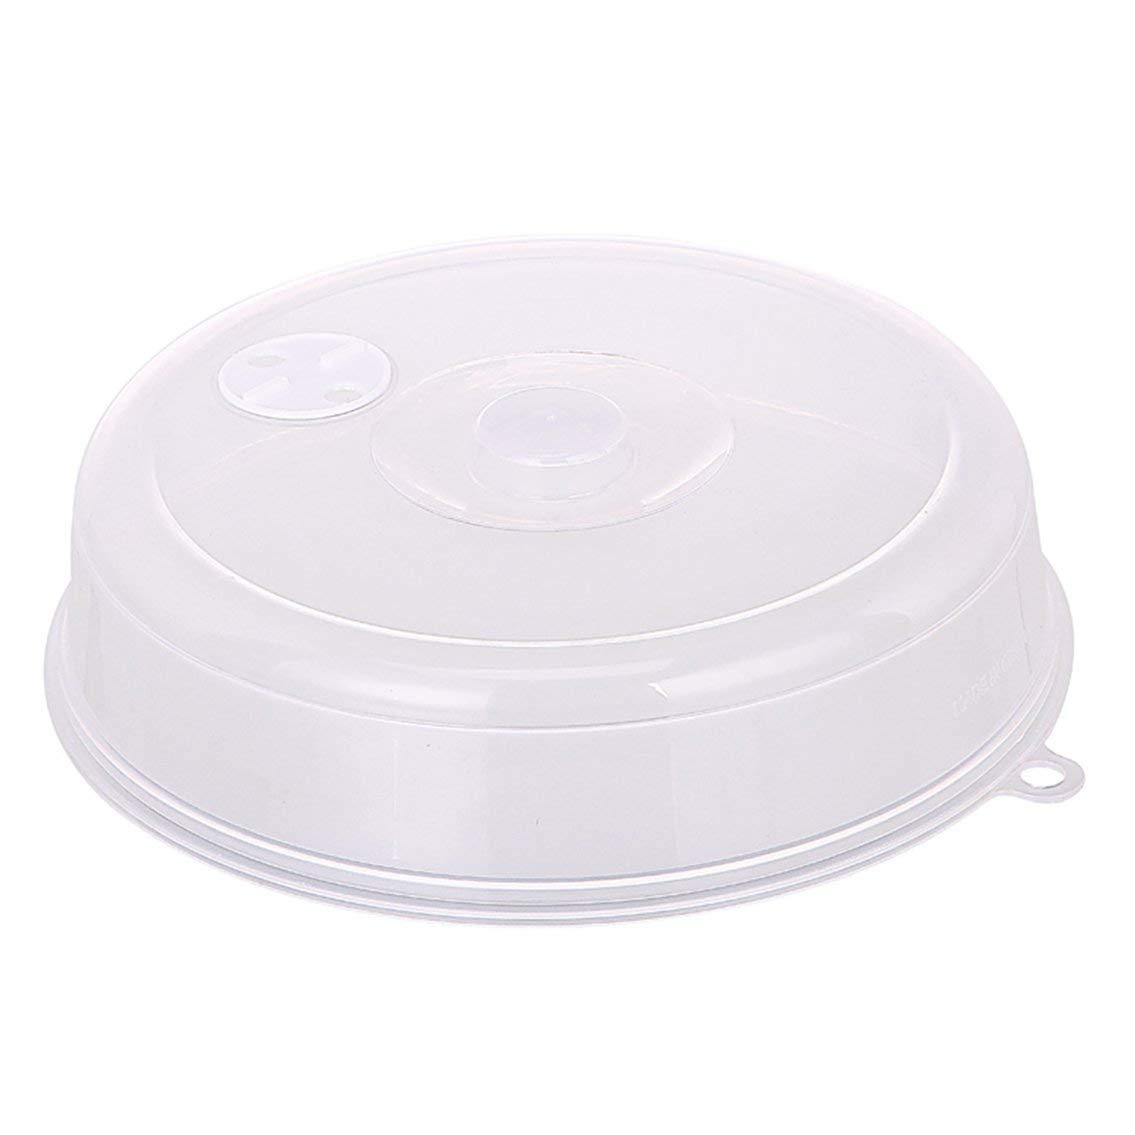 Mazur Tapa de la cubierta de la placa de microondas con orificios de ventilación Tapa del recipiente de conservación Tapa de salpicadura de microondas apilable Tapa del disco de sellado (color: transparente)